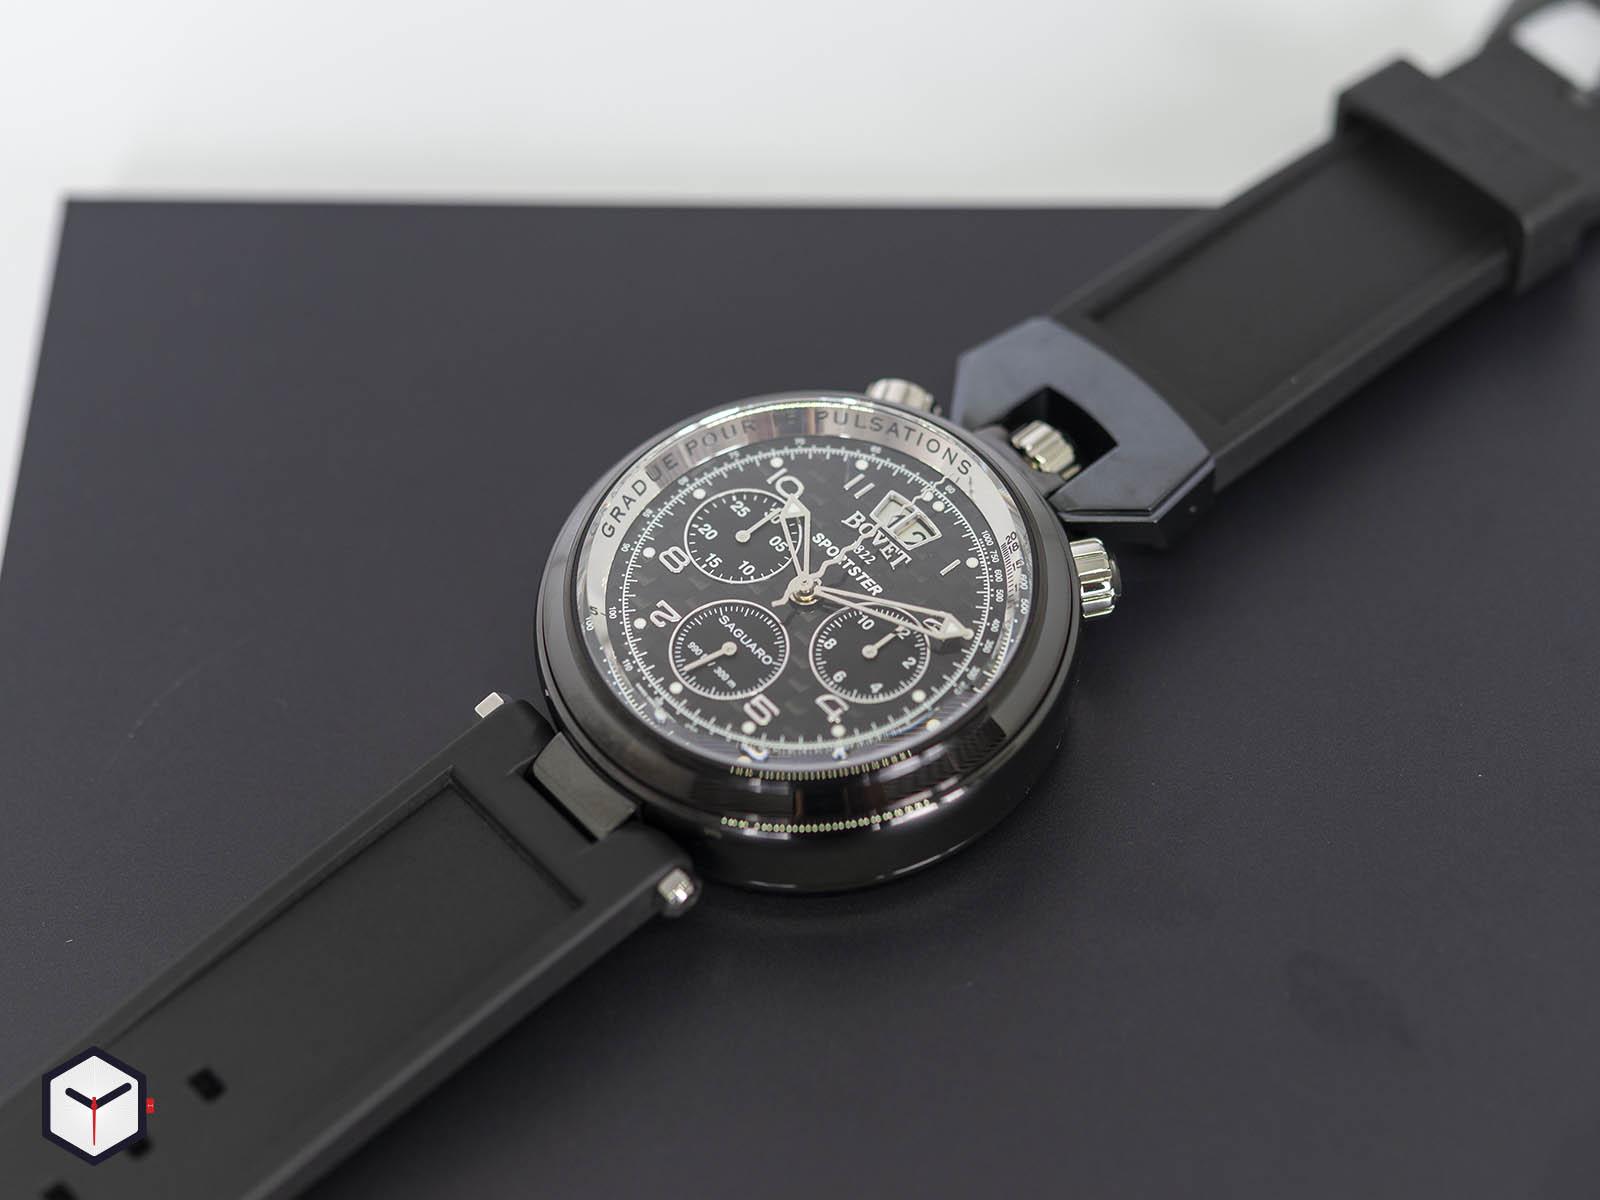 sp0466-bovet-sportster-saguaro-chronograph-4.jpg